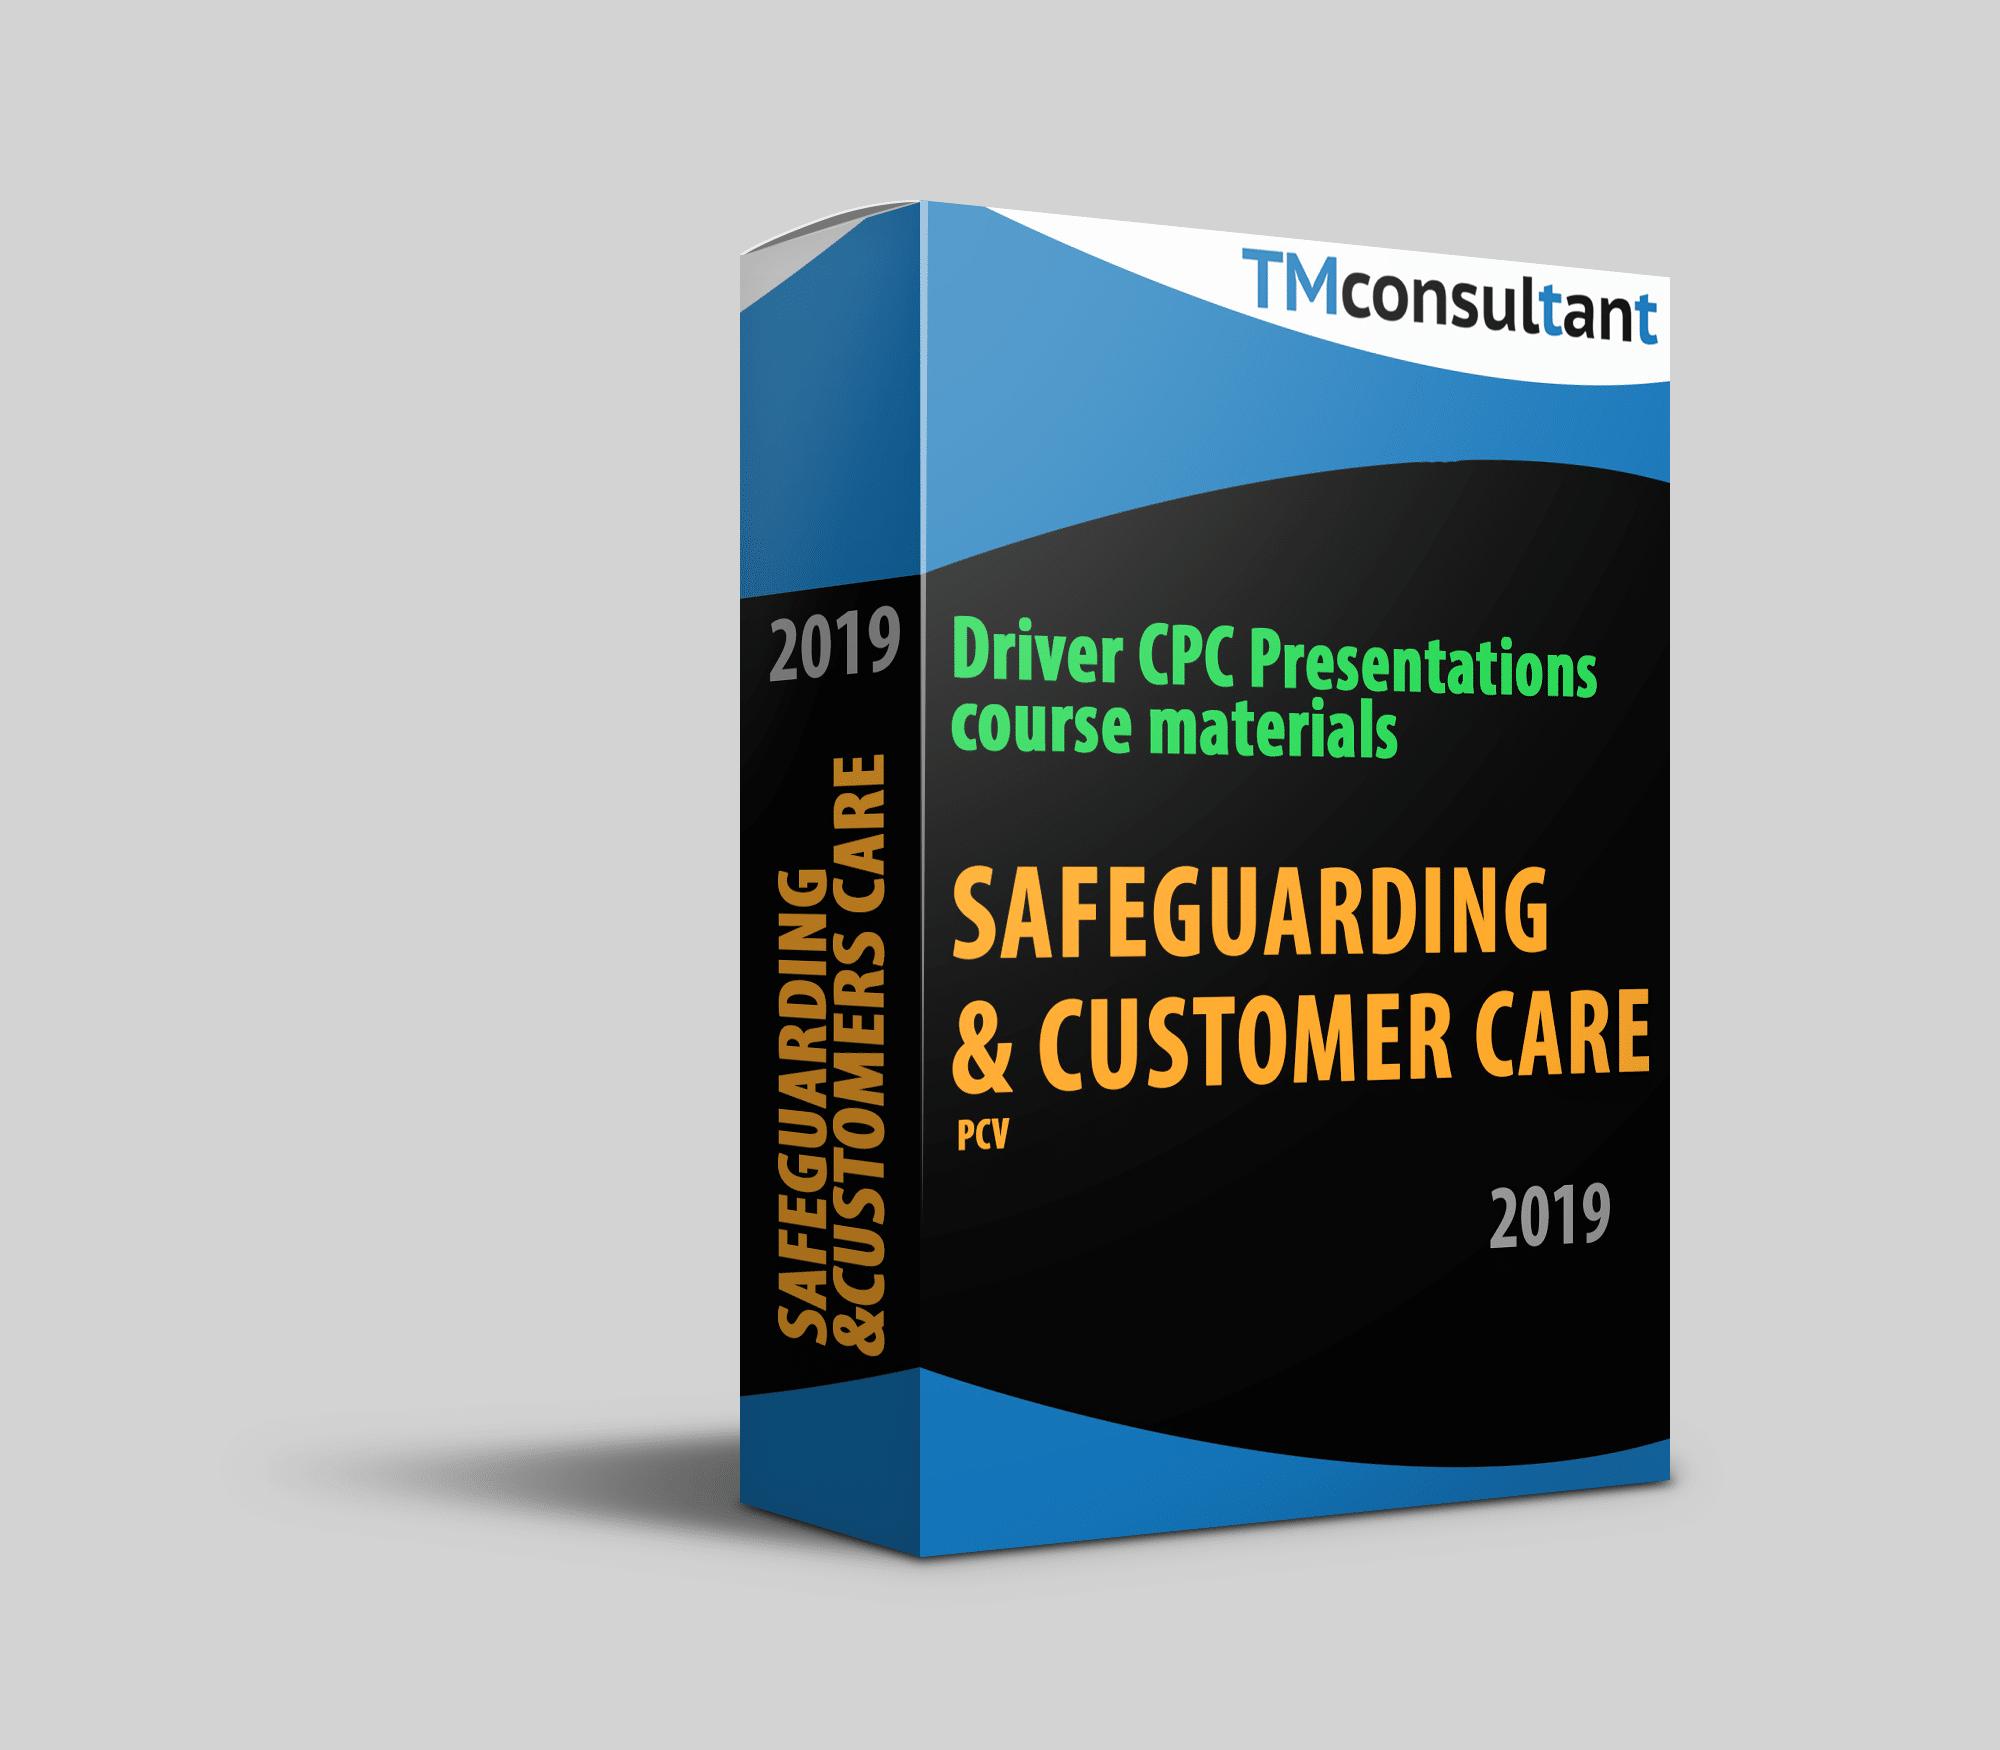 Safeguarding & Customer Care